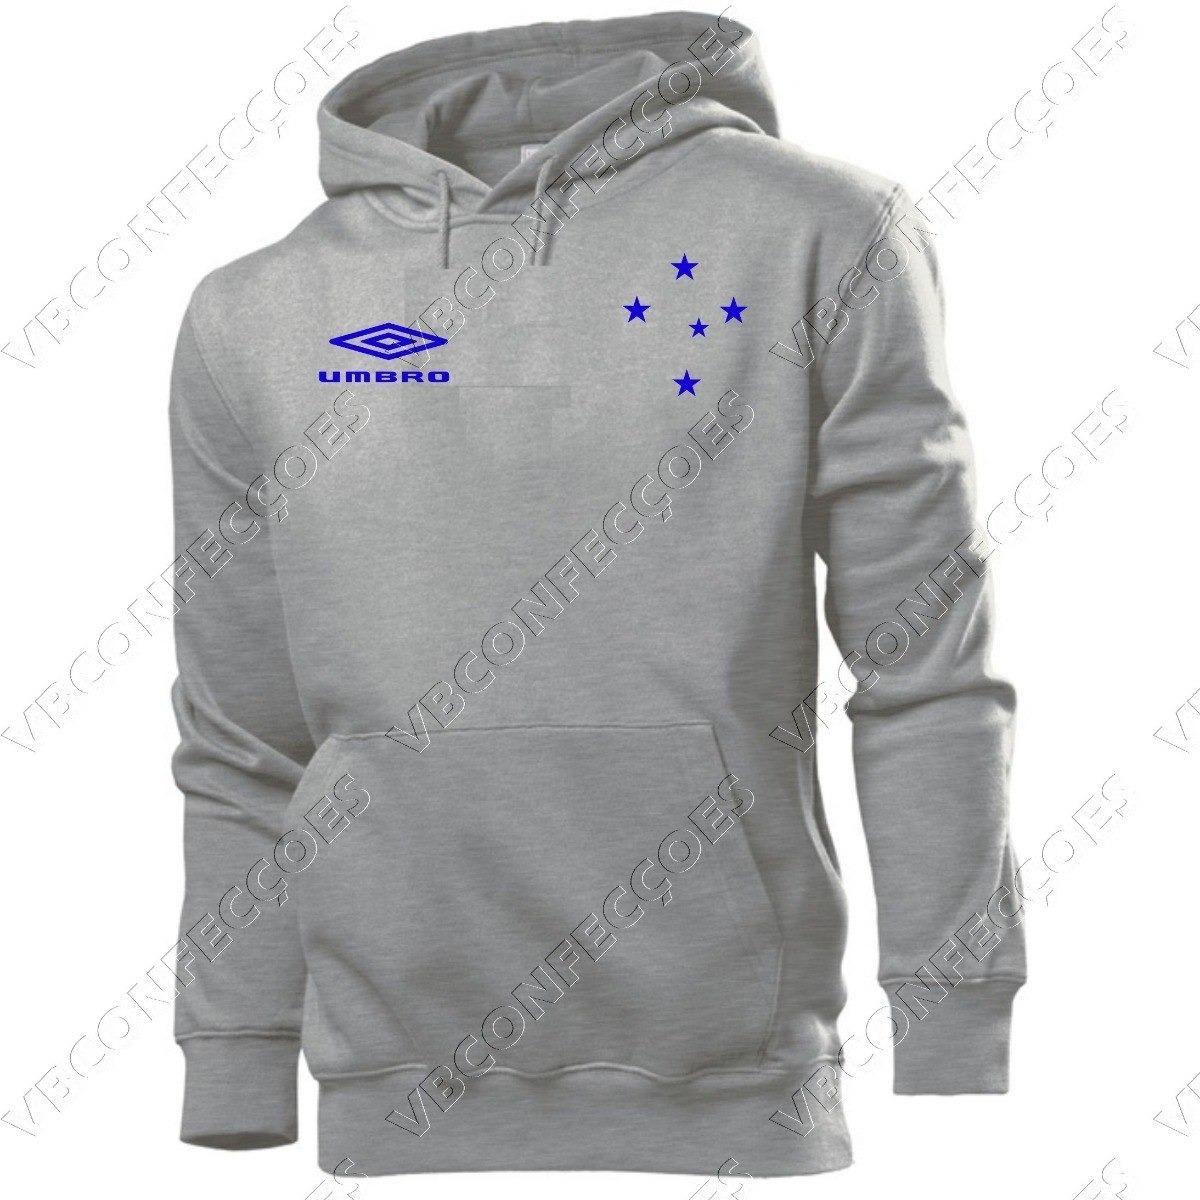 84408e7f6f blusa moleton cruzeiro futebol 100% algodão customizada. Carregando zoom.